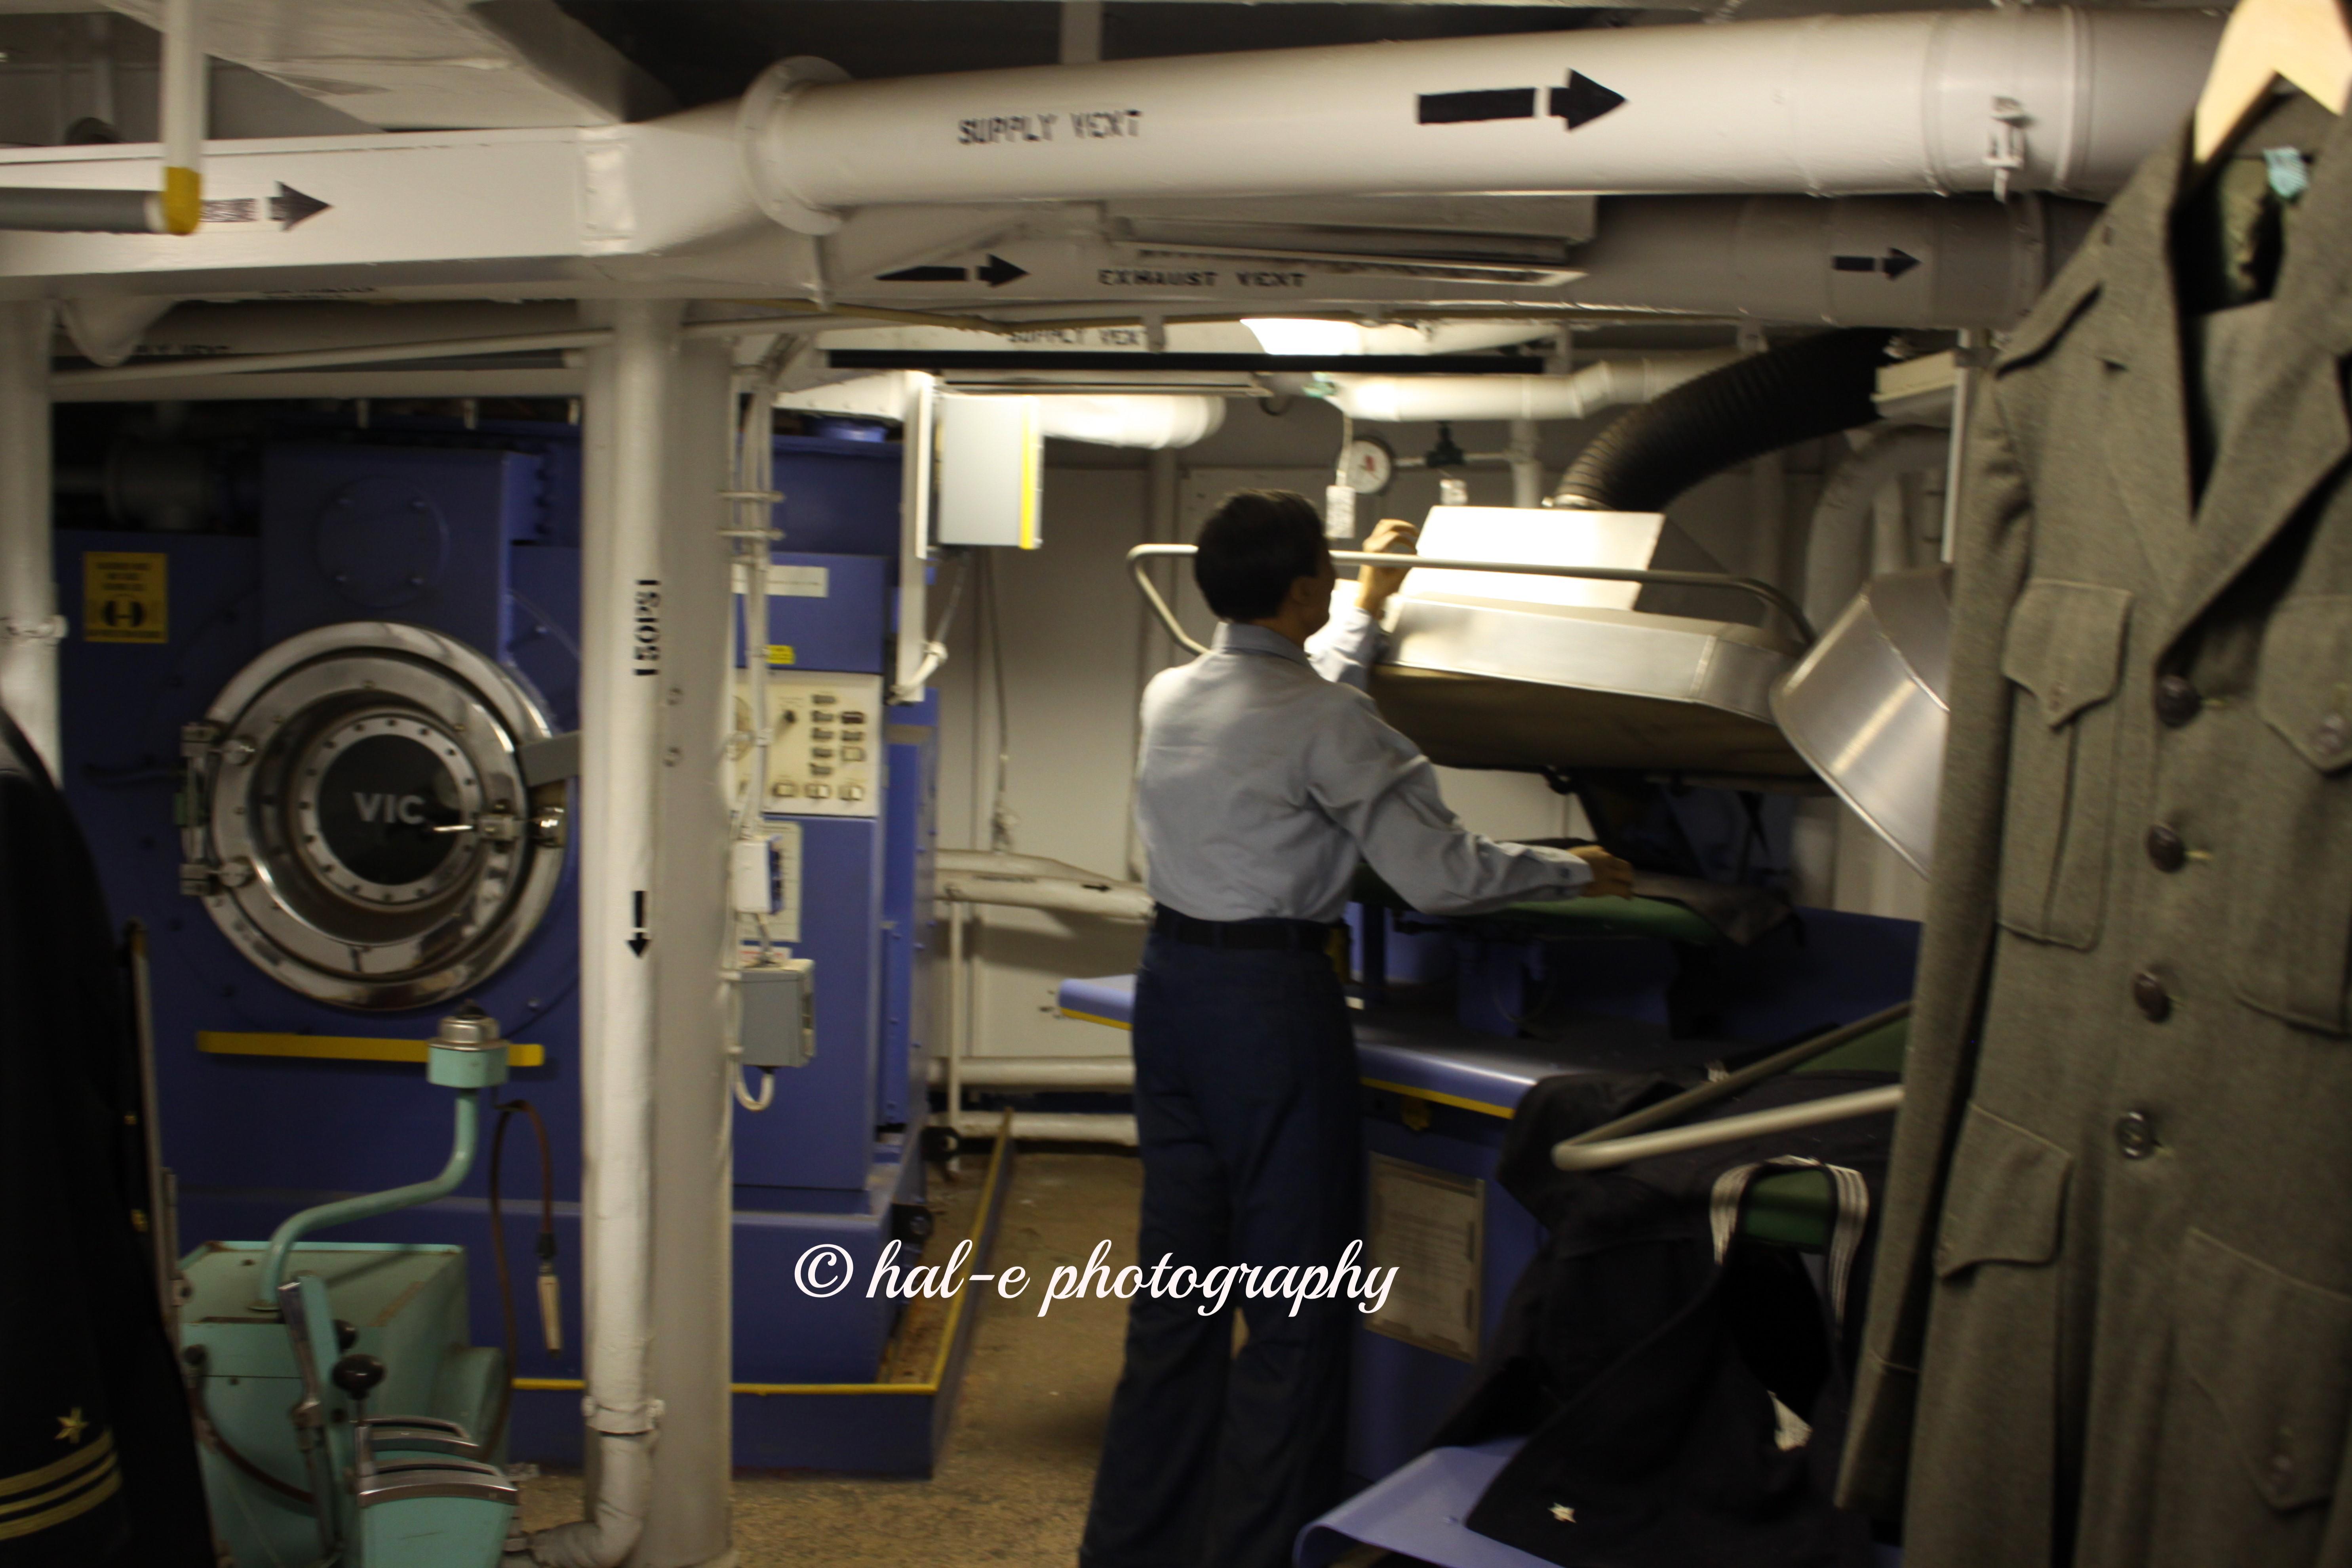 USS NJ Laundry